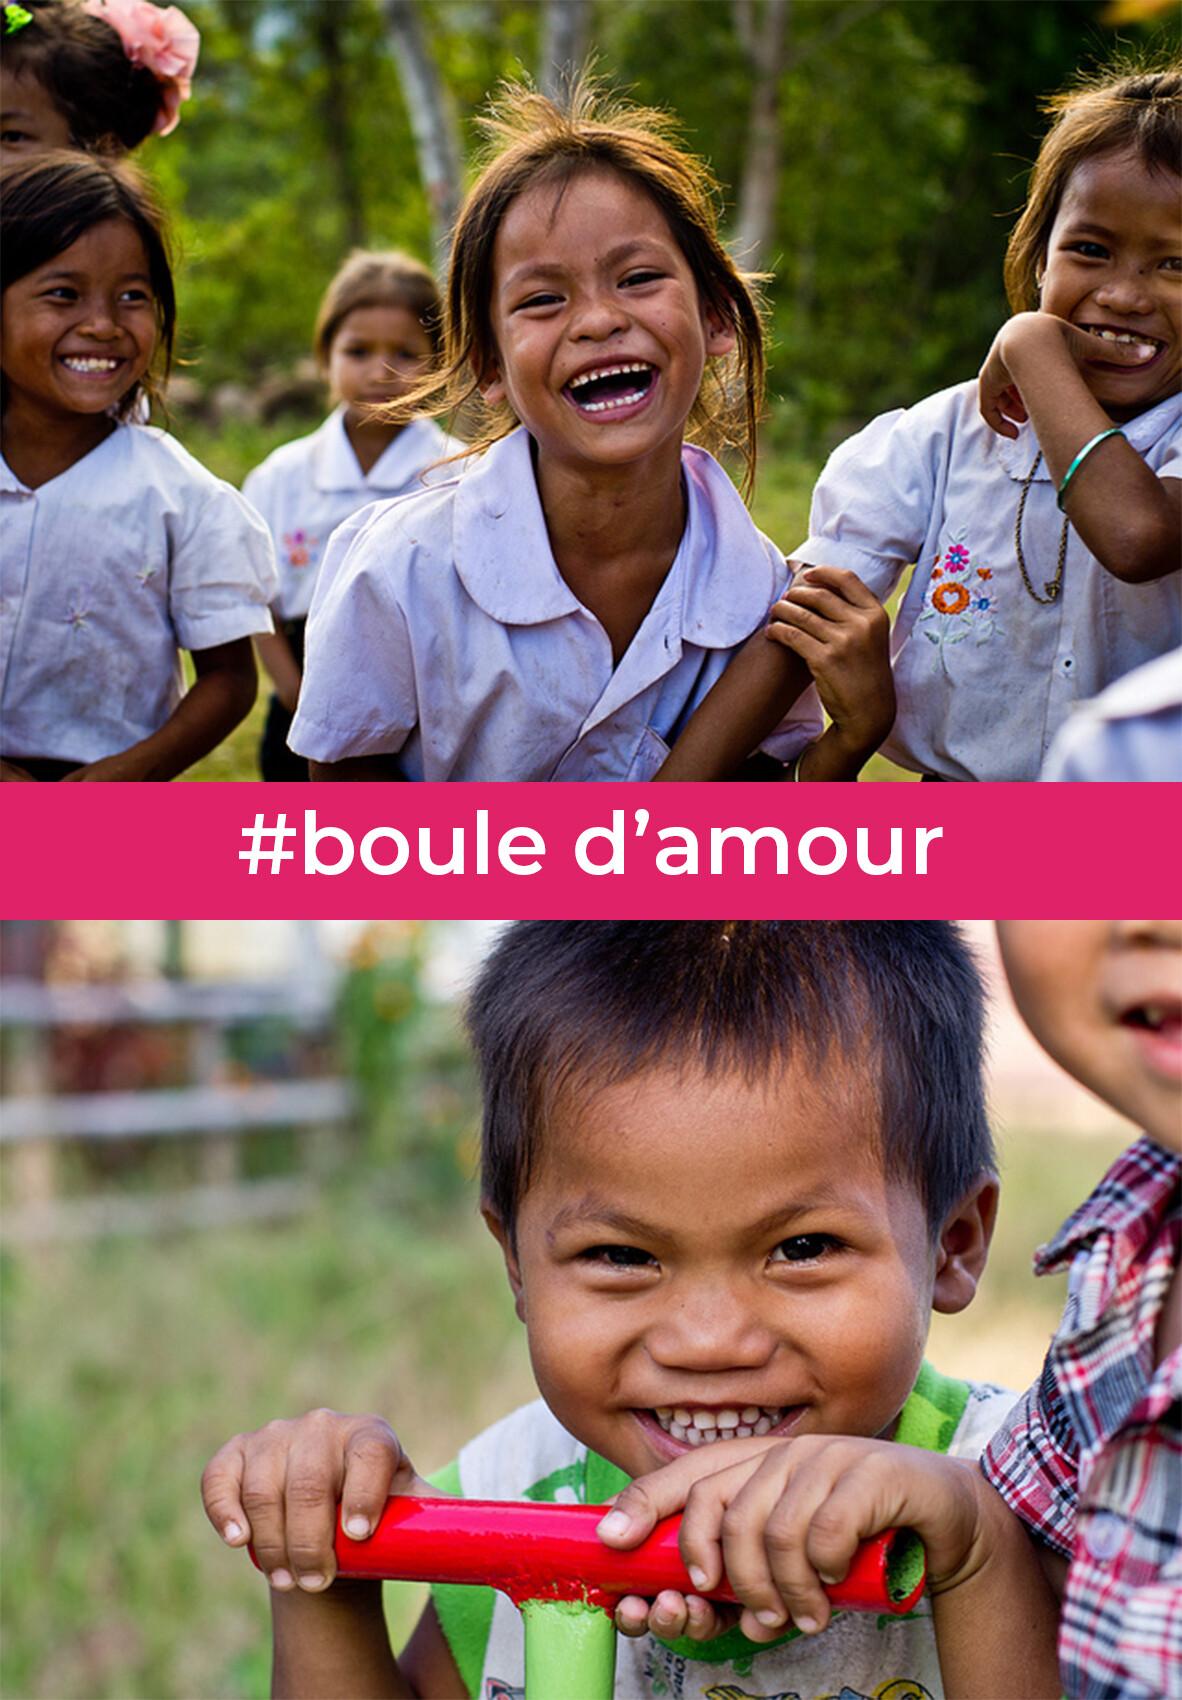 Pour Le Sourire D Un Enfant : sourire, enfant, Idriss, NAOUI, Campagne, Social, Media, Sourire, Enfant